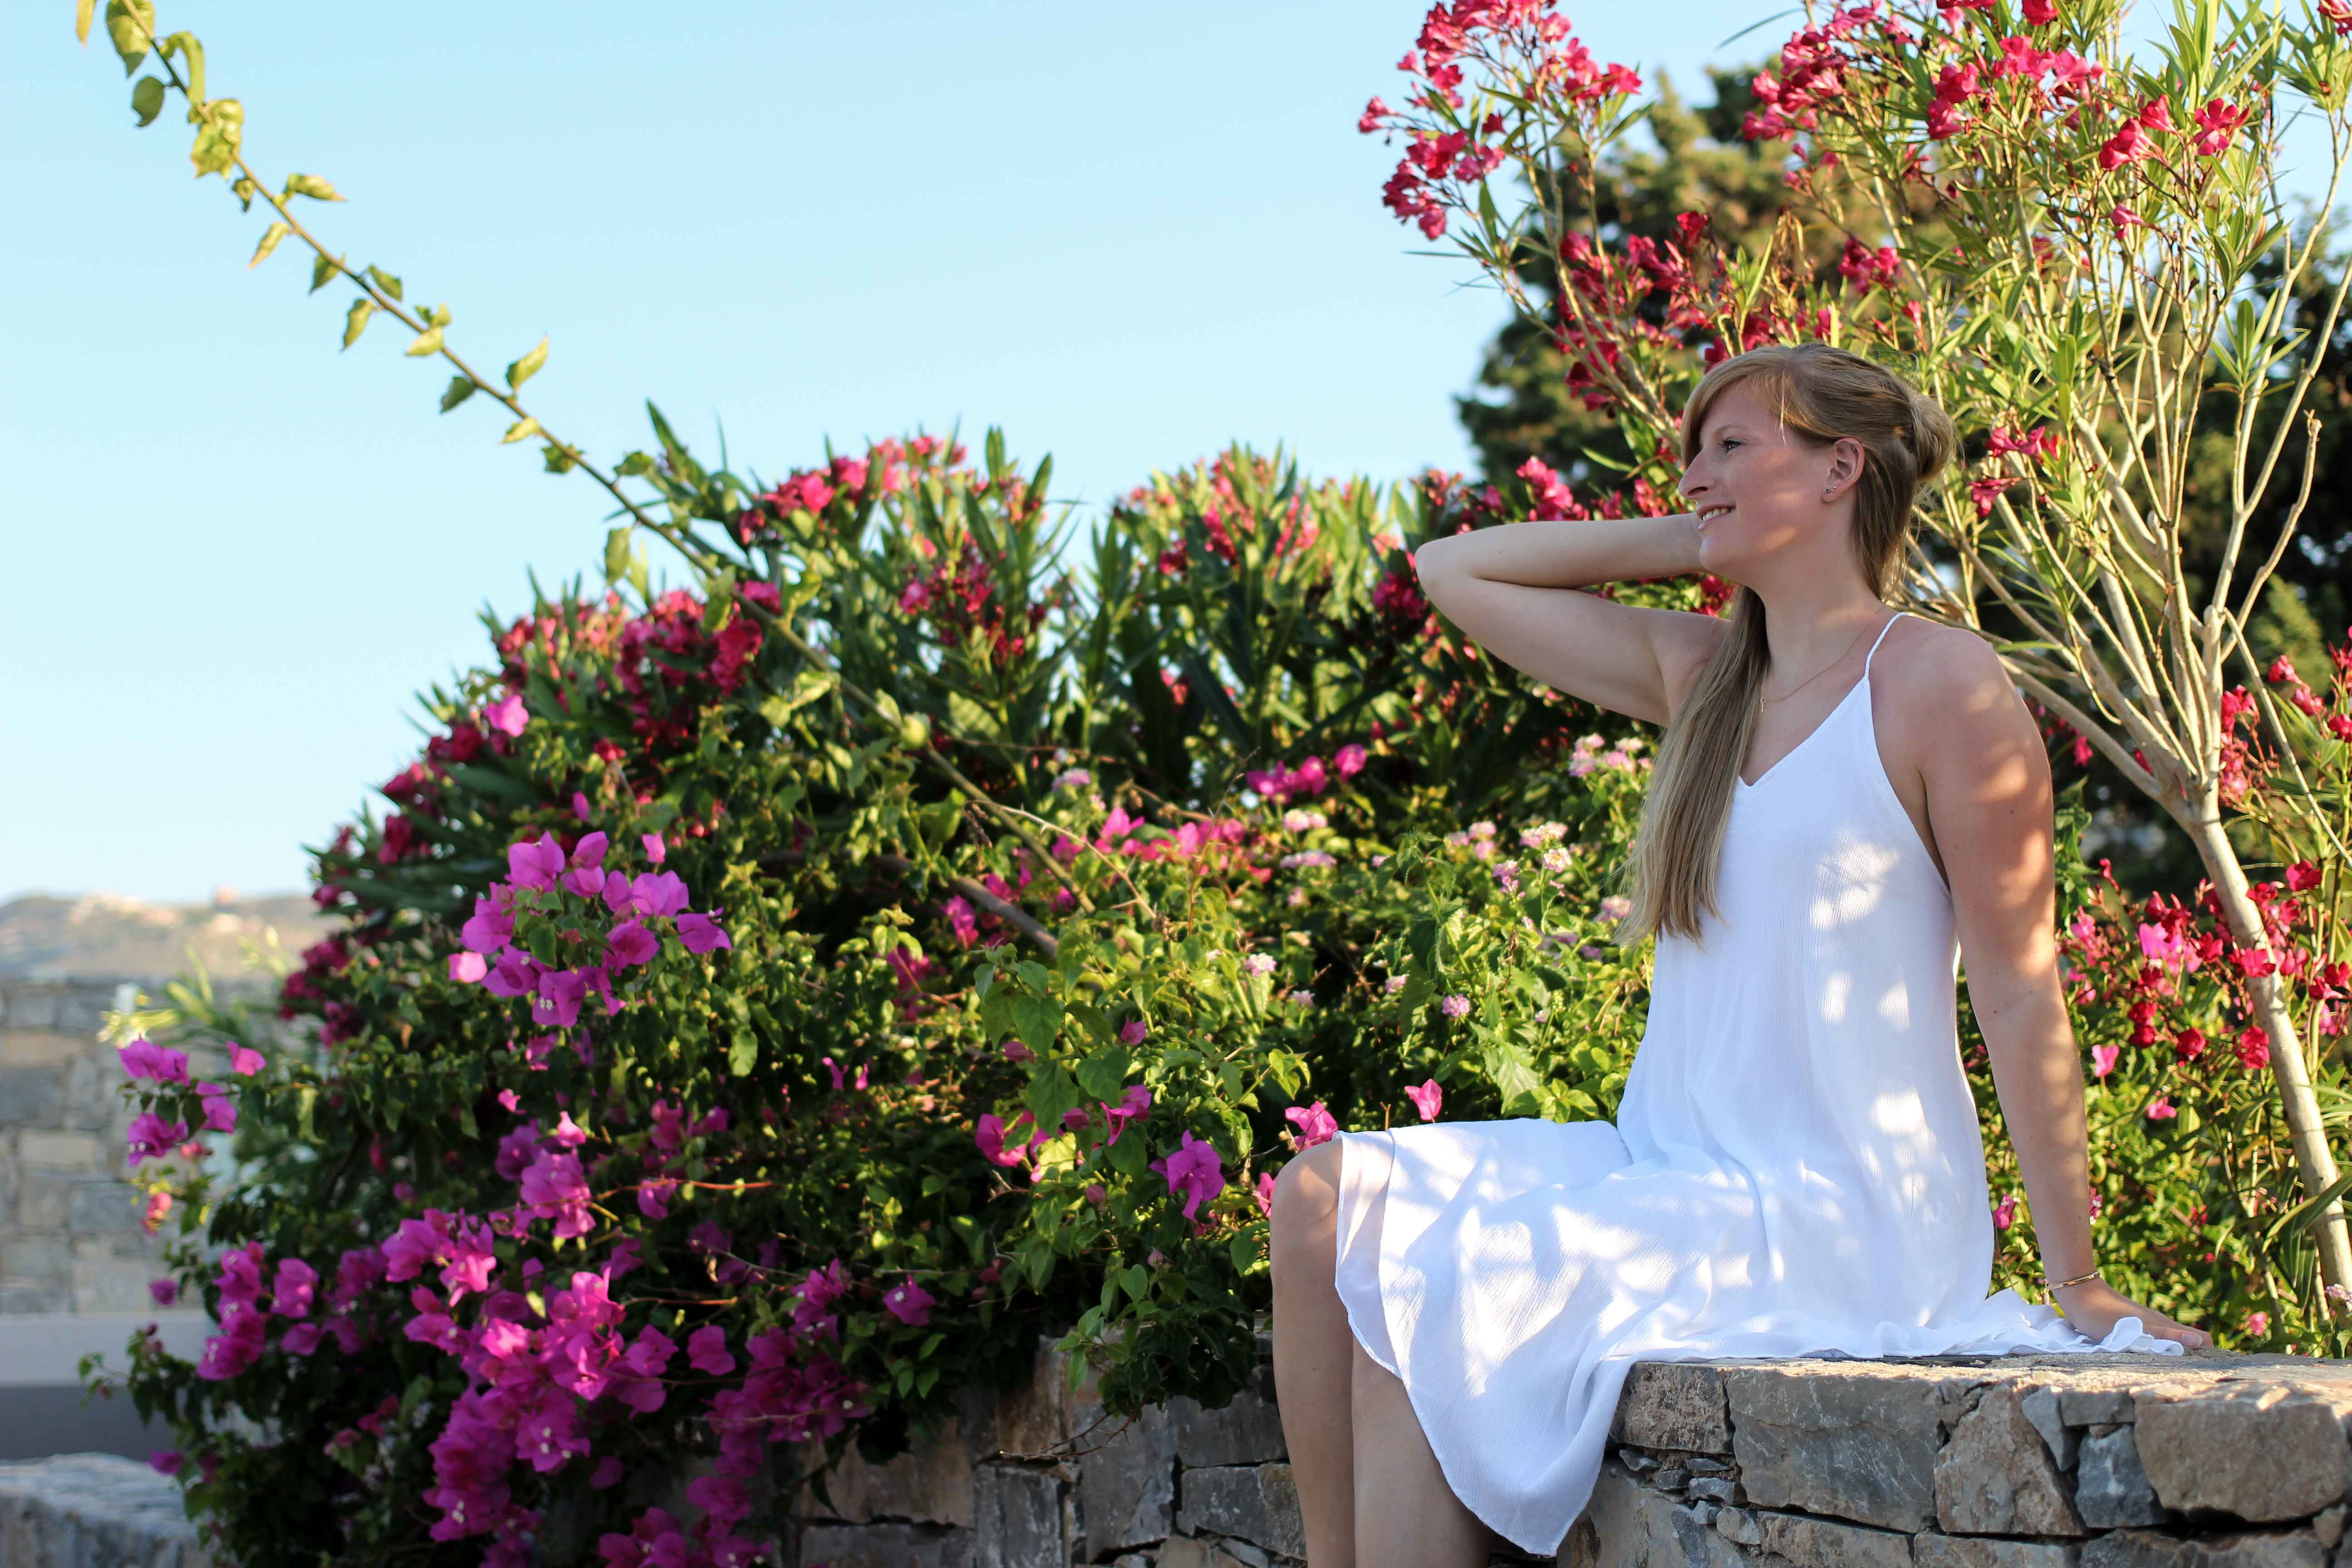 Modeblog Deuschland Fashion Blog Griechenland Kreta Sommeroutfit Blogger life weißes Kleid 8